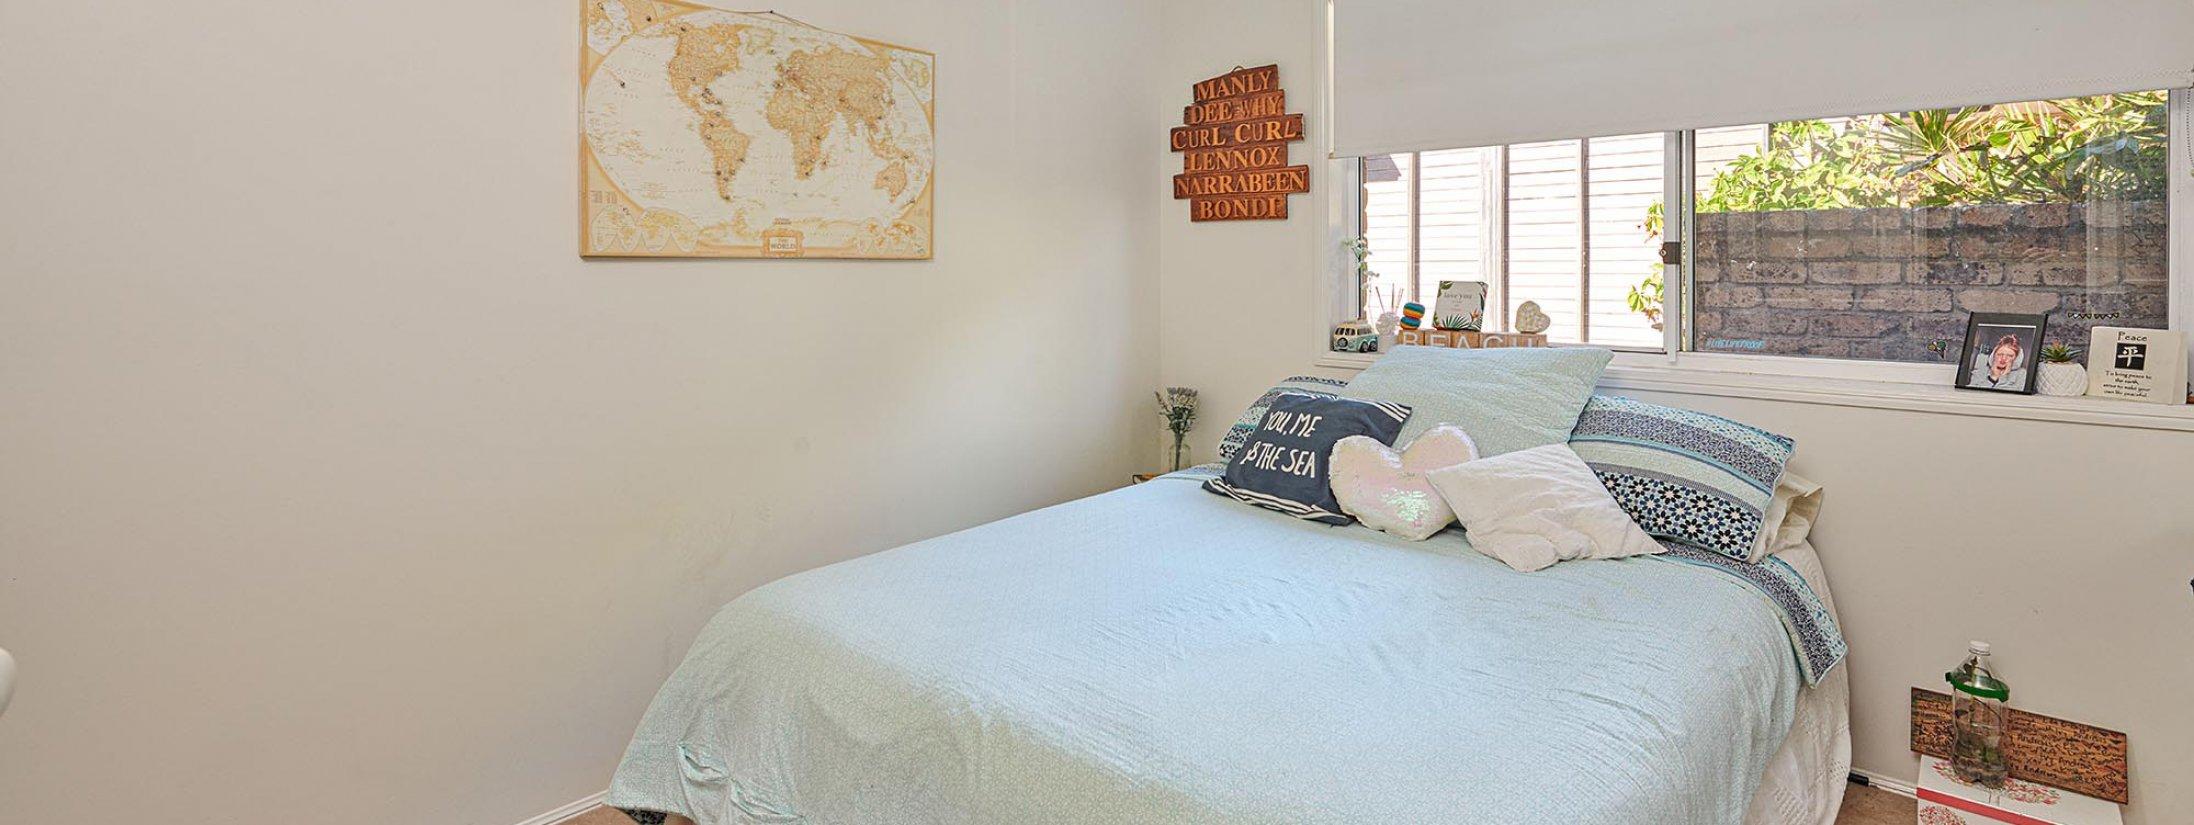 Sea Deck - Skennars Head - Bedroom 4